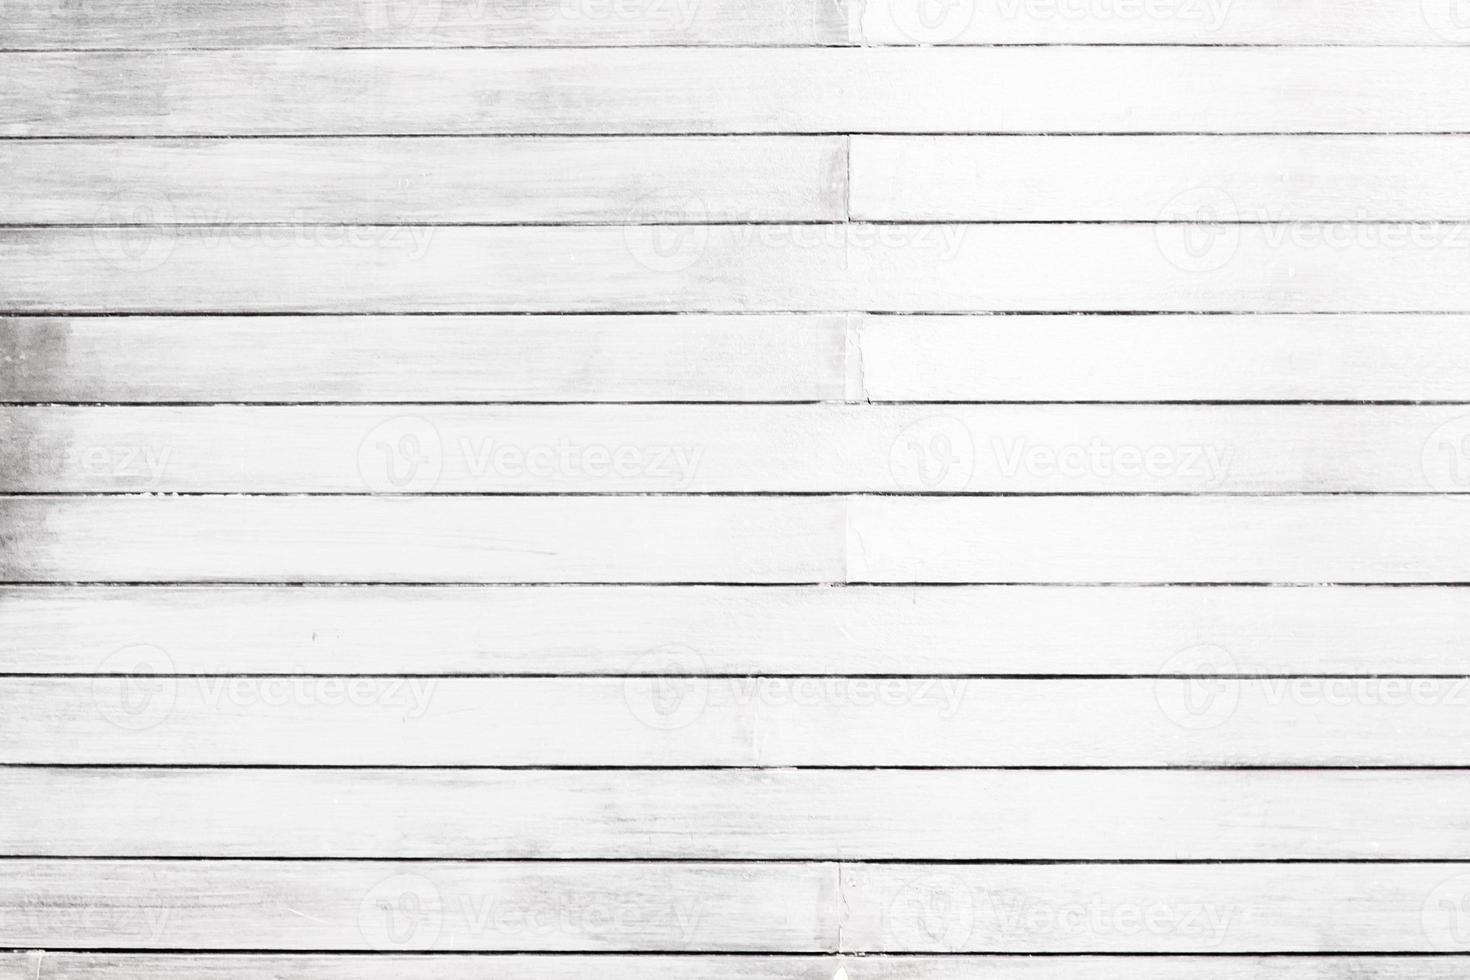 witte houtstructuur muur en vloer achtergrond foto